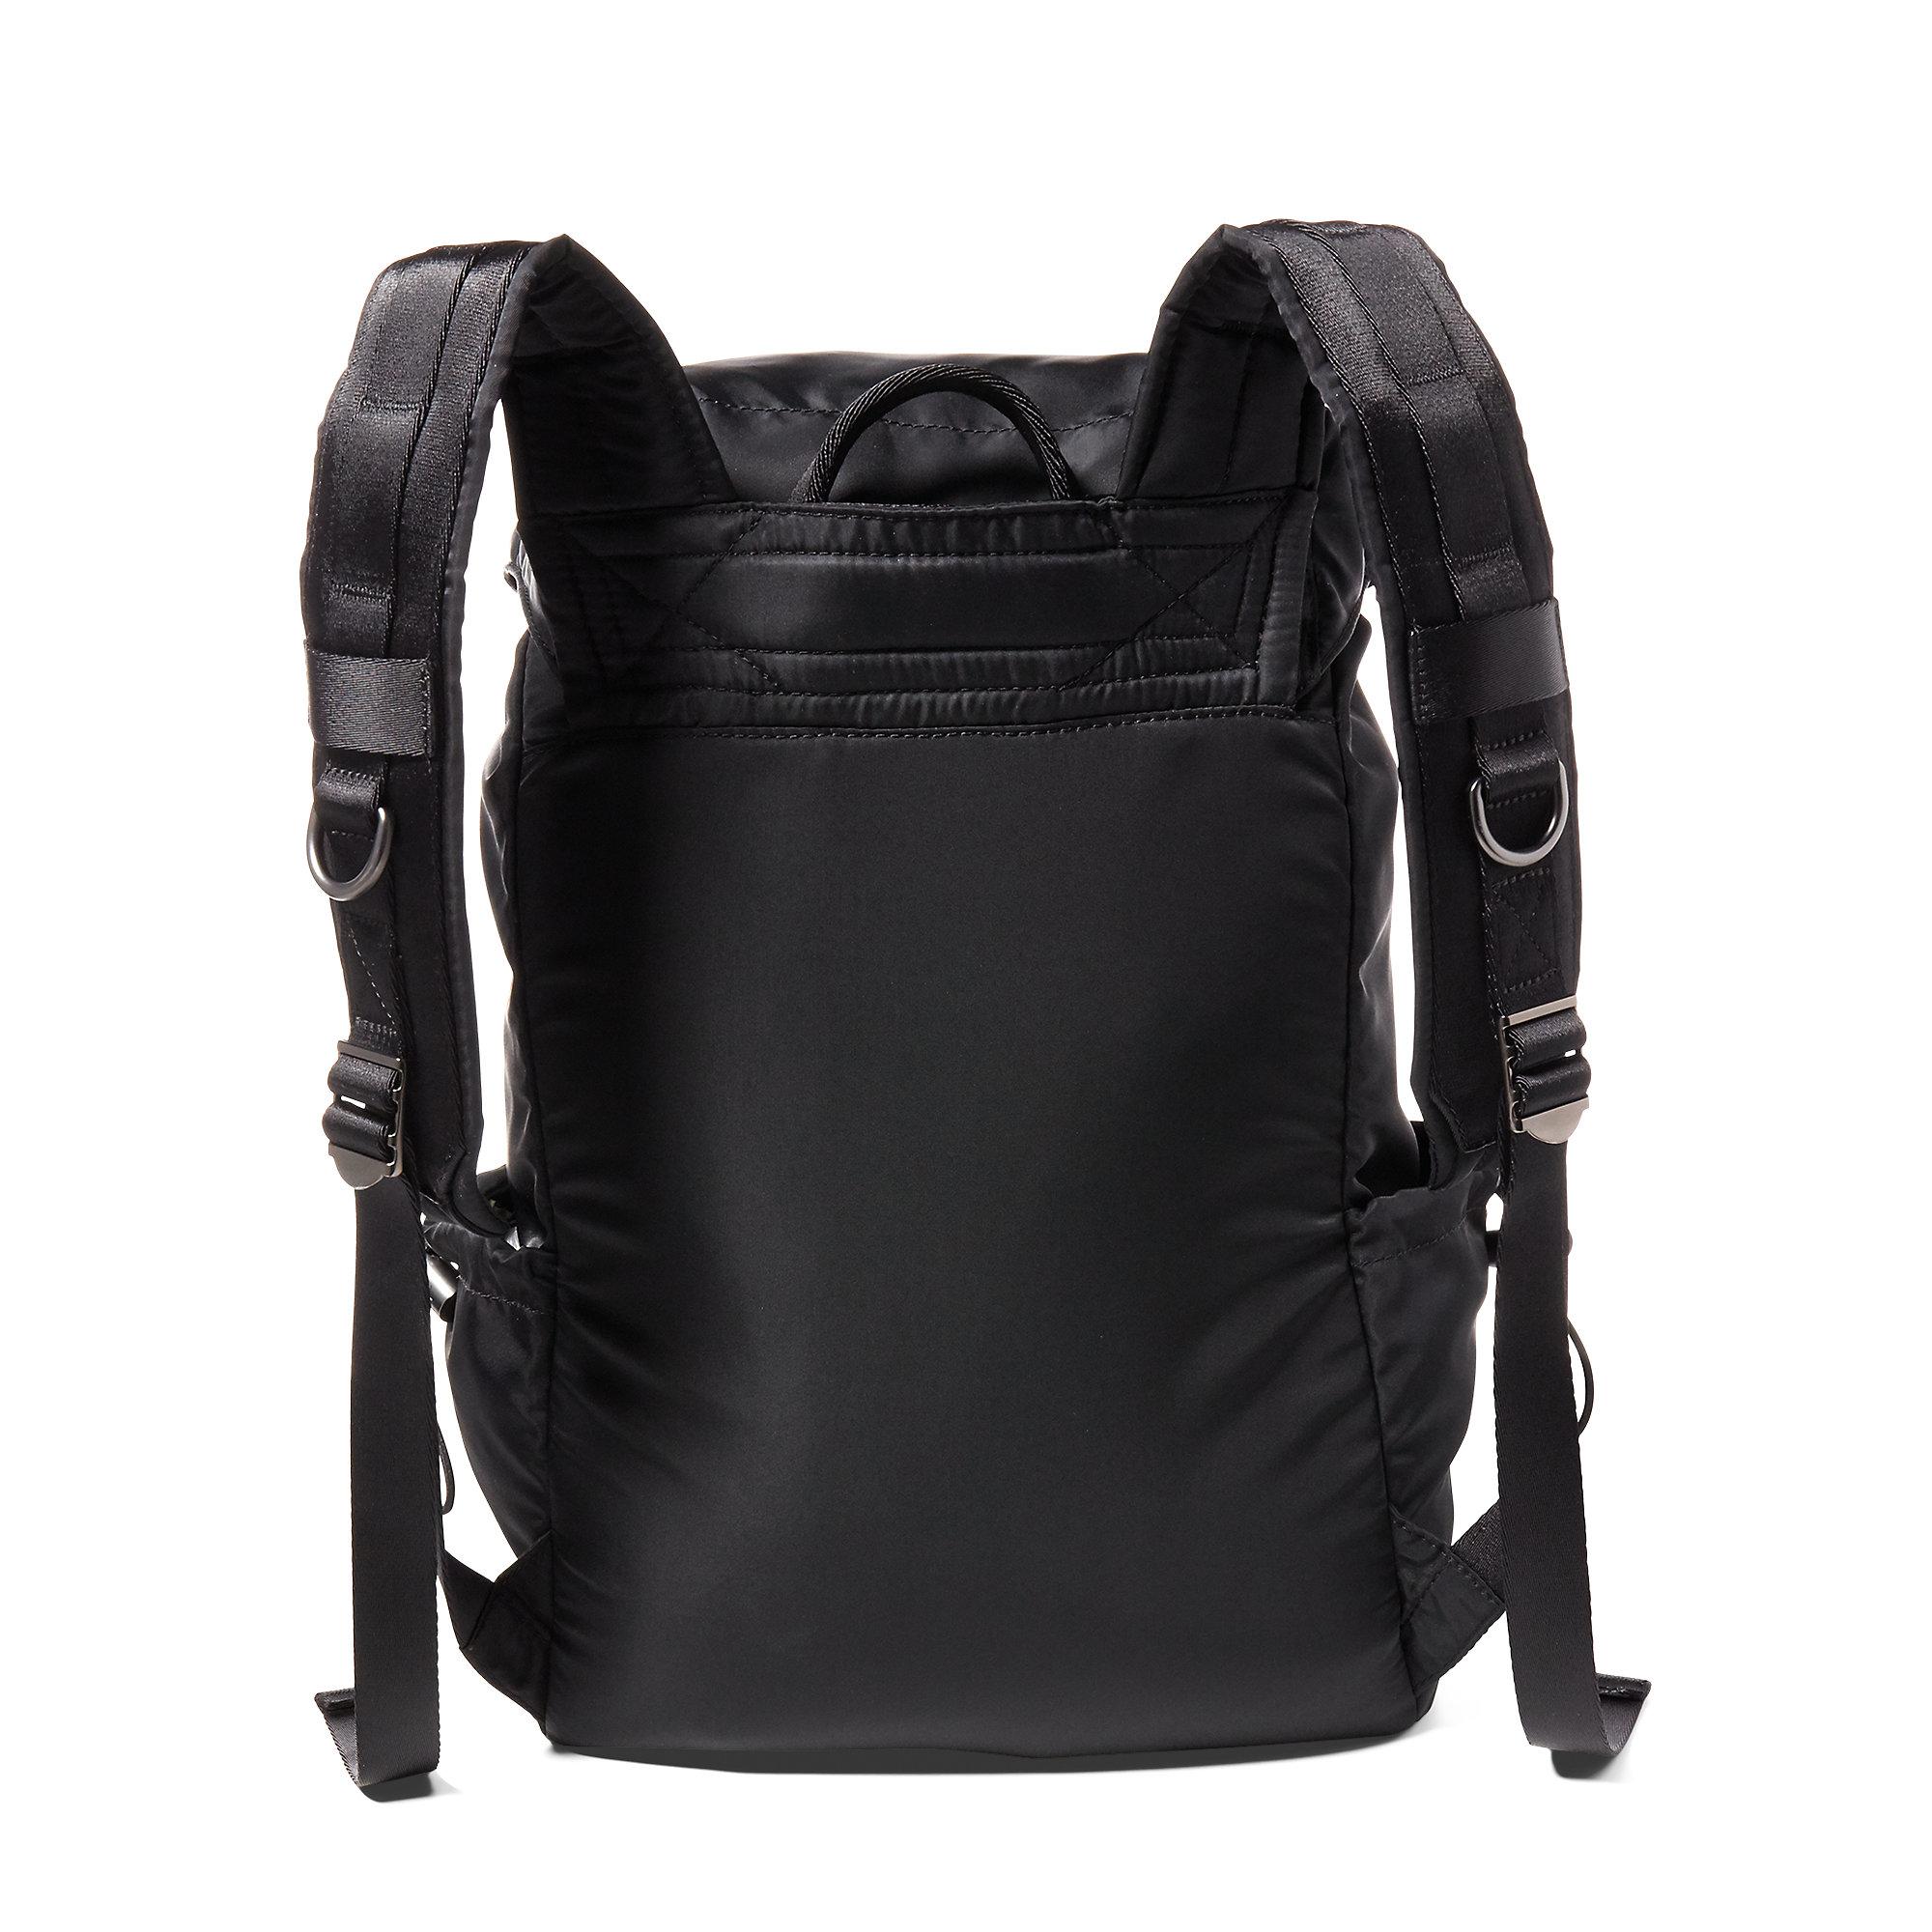 Lyst - Polo Ralph Lauren Defender Nylon Backpack in Black for Men 2e79b5a0eee35